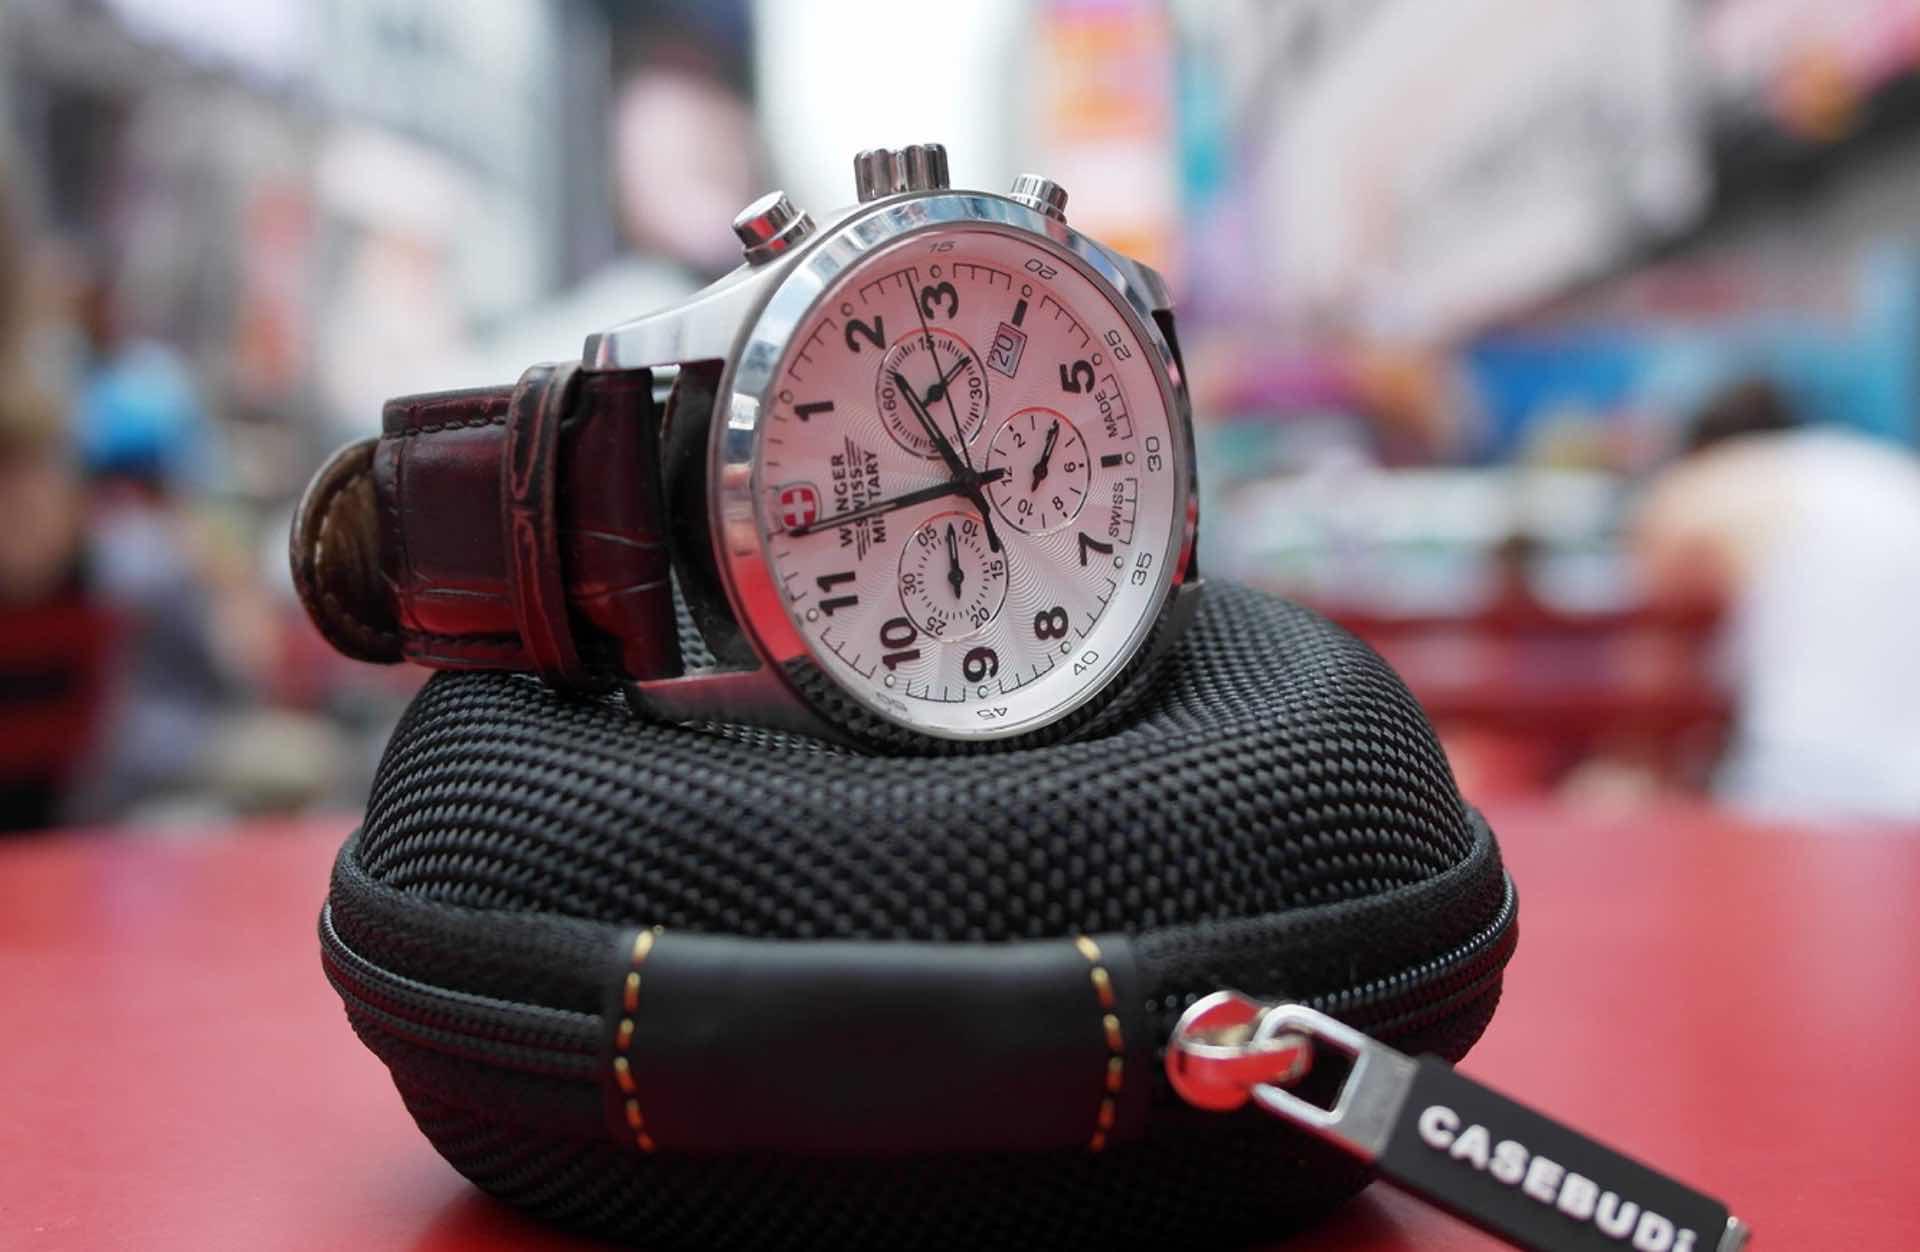 casebudi-watch-travel-case